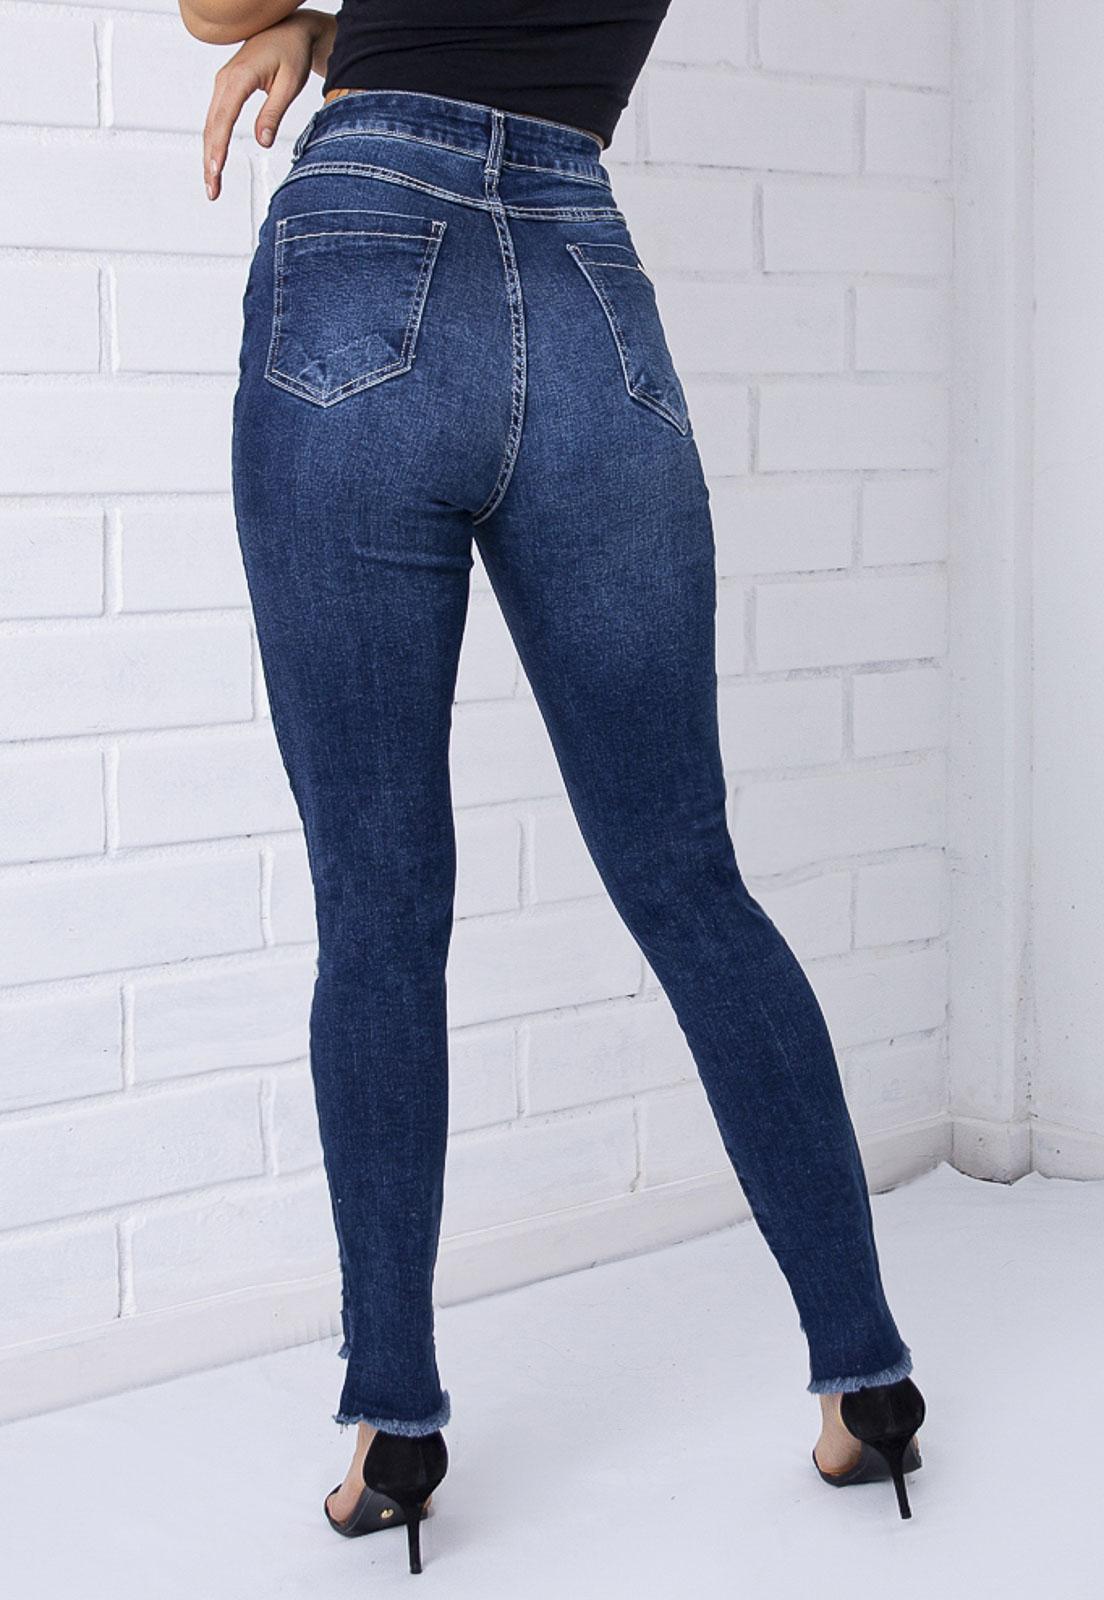 Calça Skinny Destroyed Gancho Alto Jeans Escuro Pkd